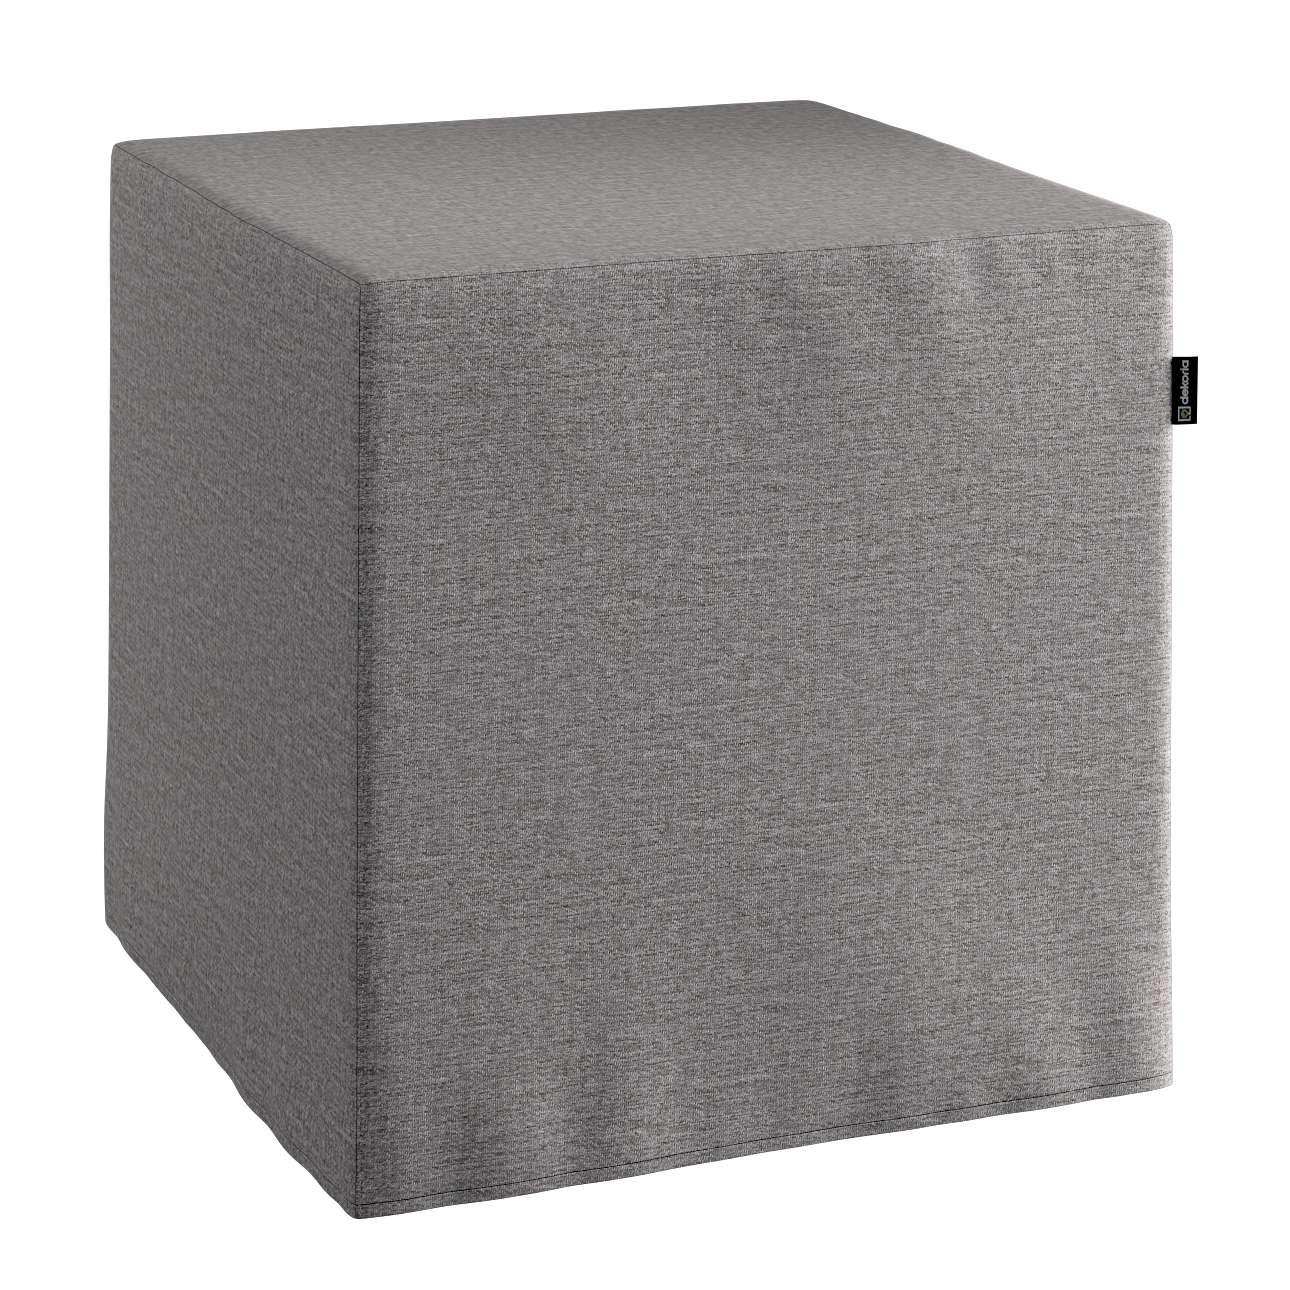 Pokrowiec na pufę kostke kostka 40x40x40 cm w kolekcji Edinburgh, tkanina: 115-81